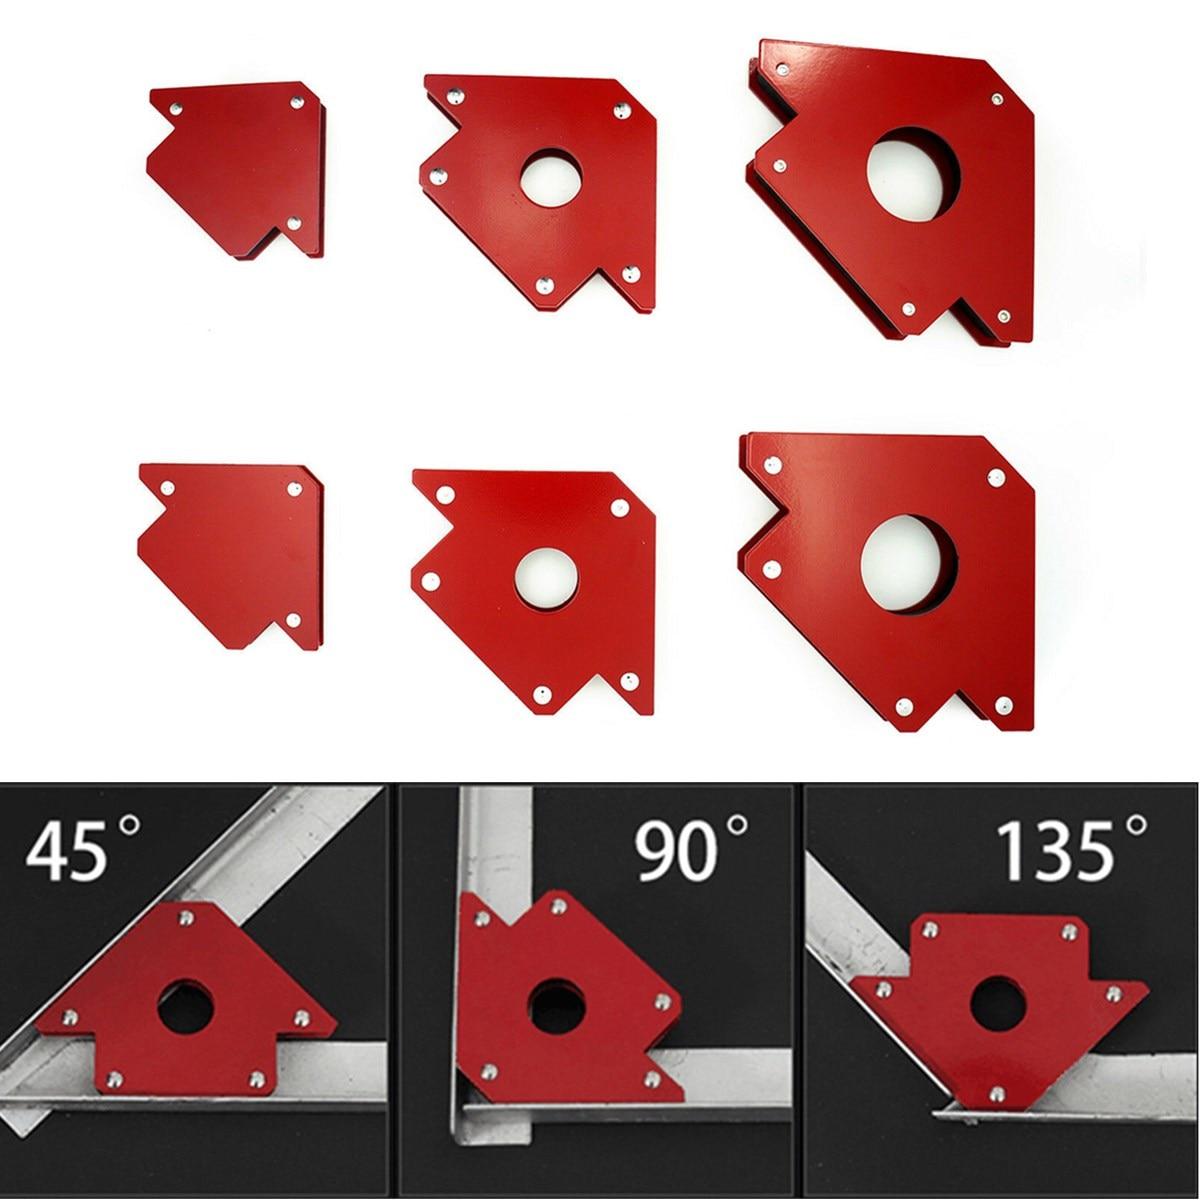 6 шт. многоугольный магнитный держатель для сварки стрелочный магнитный зажим для сварки магнит 2x9lbs 2x 25lbs 2x 25lbs Mig инструменты